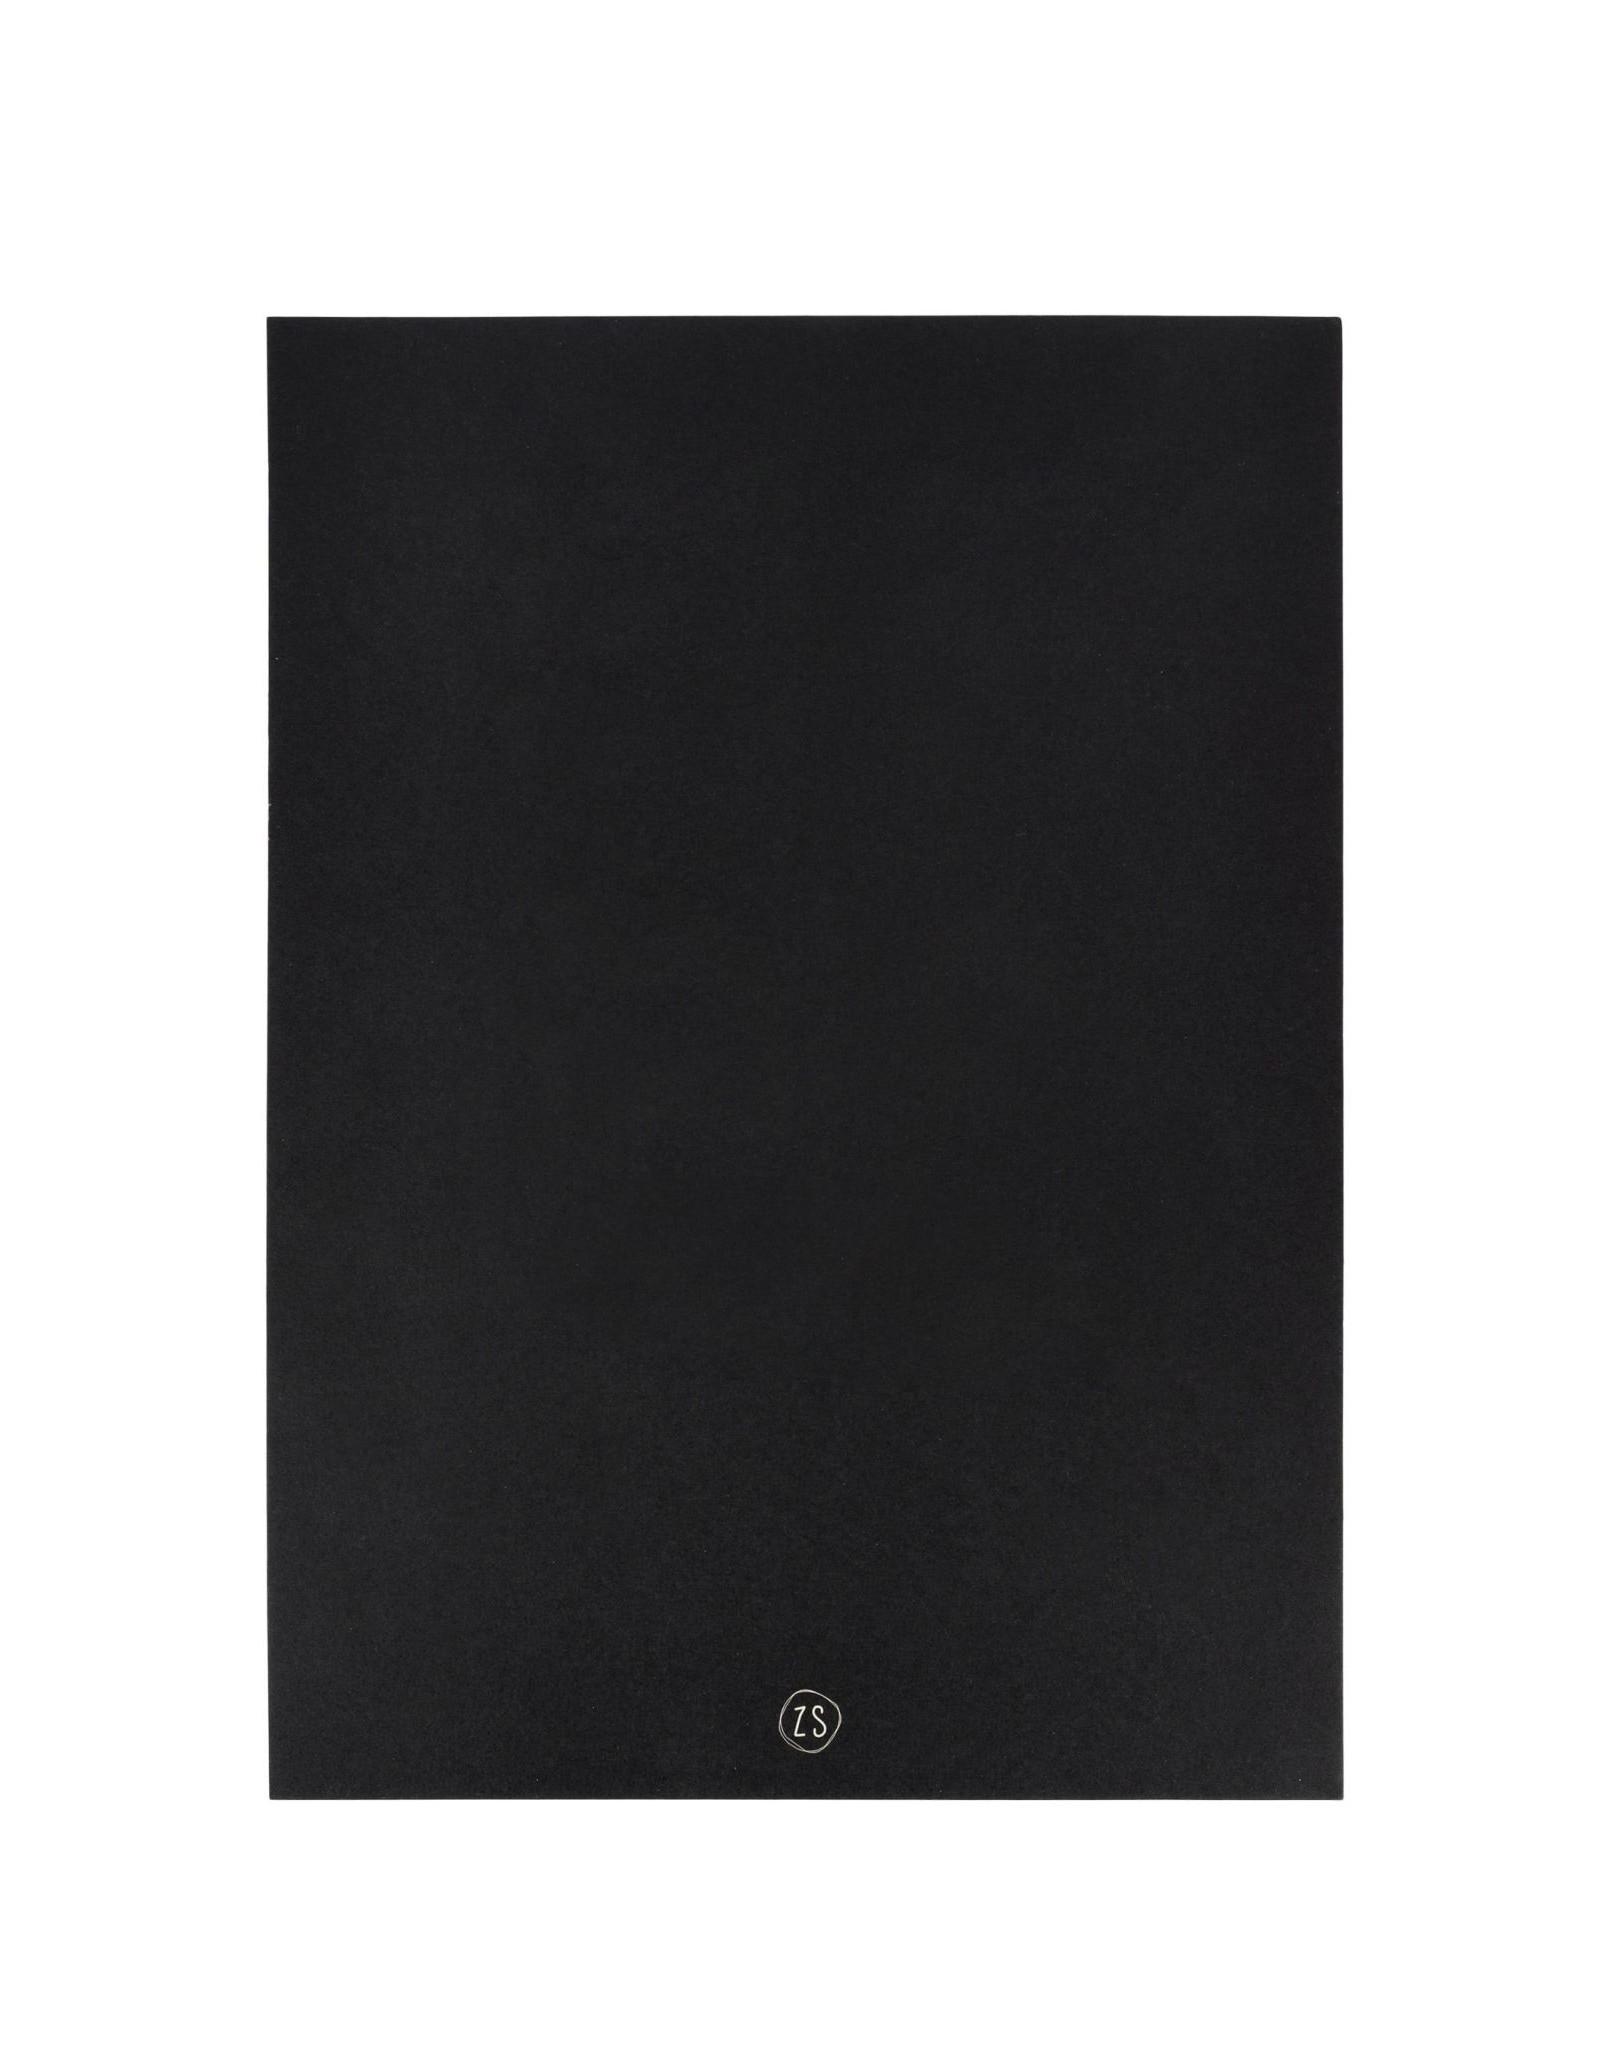 Zusss Zusss A4-Poster Can I Go Zwart